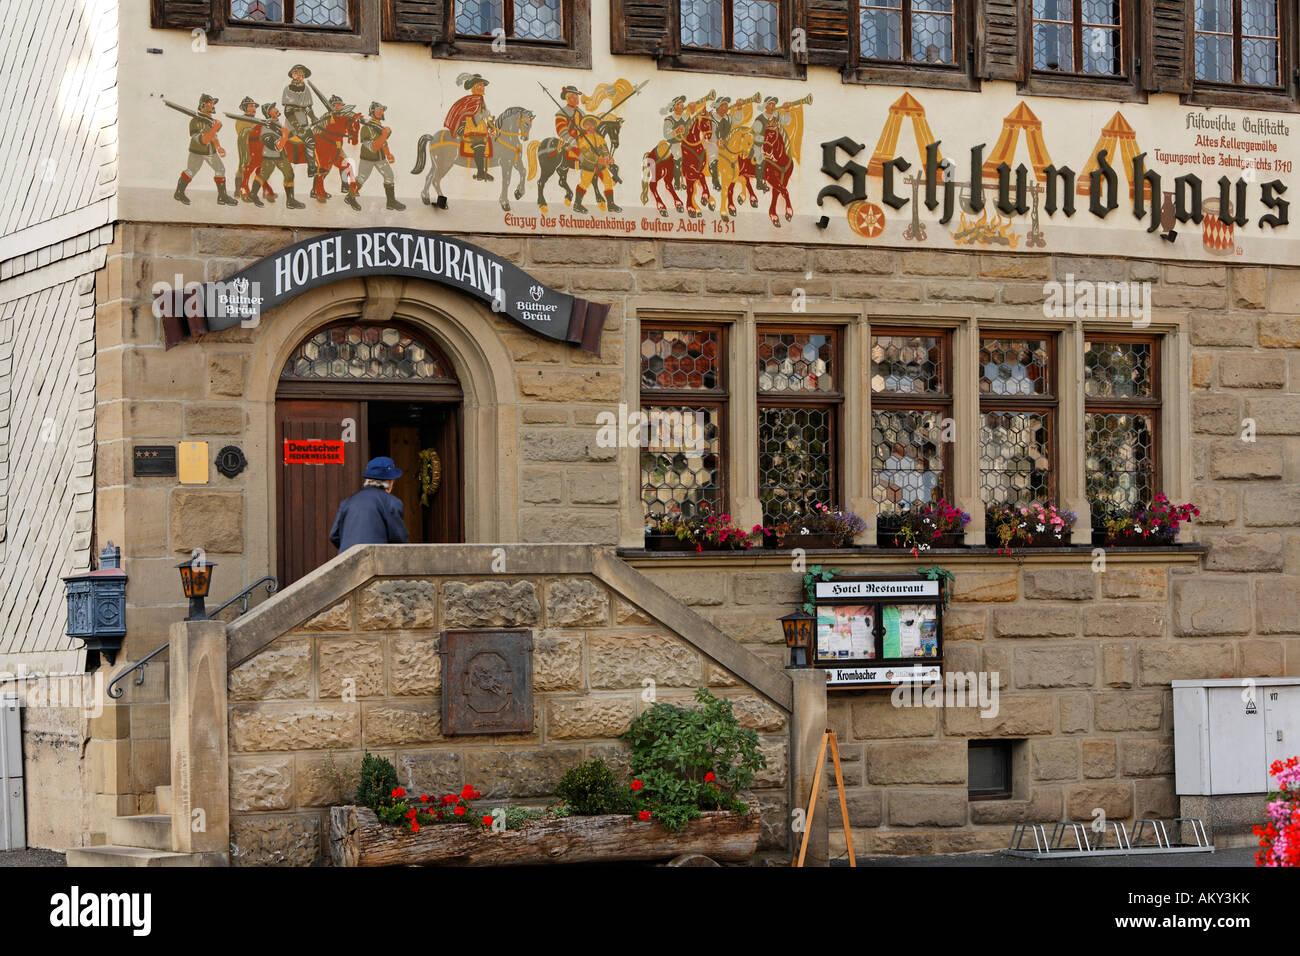 Delightful Hotel Restaurant Schlundhaus, Bad Koenigshofen, Rhoen Grabfeld, Franconia,  Bavaria, Germany